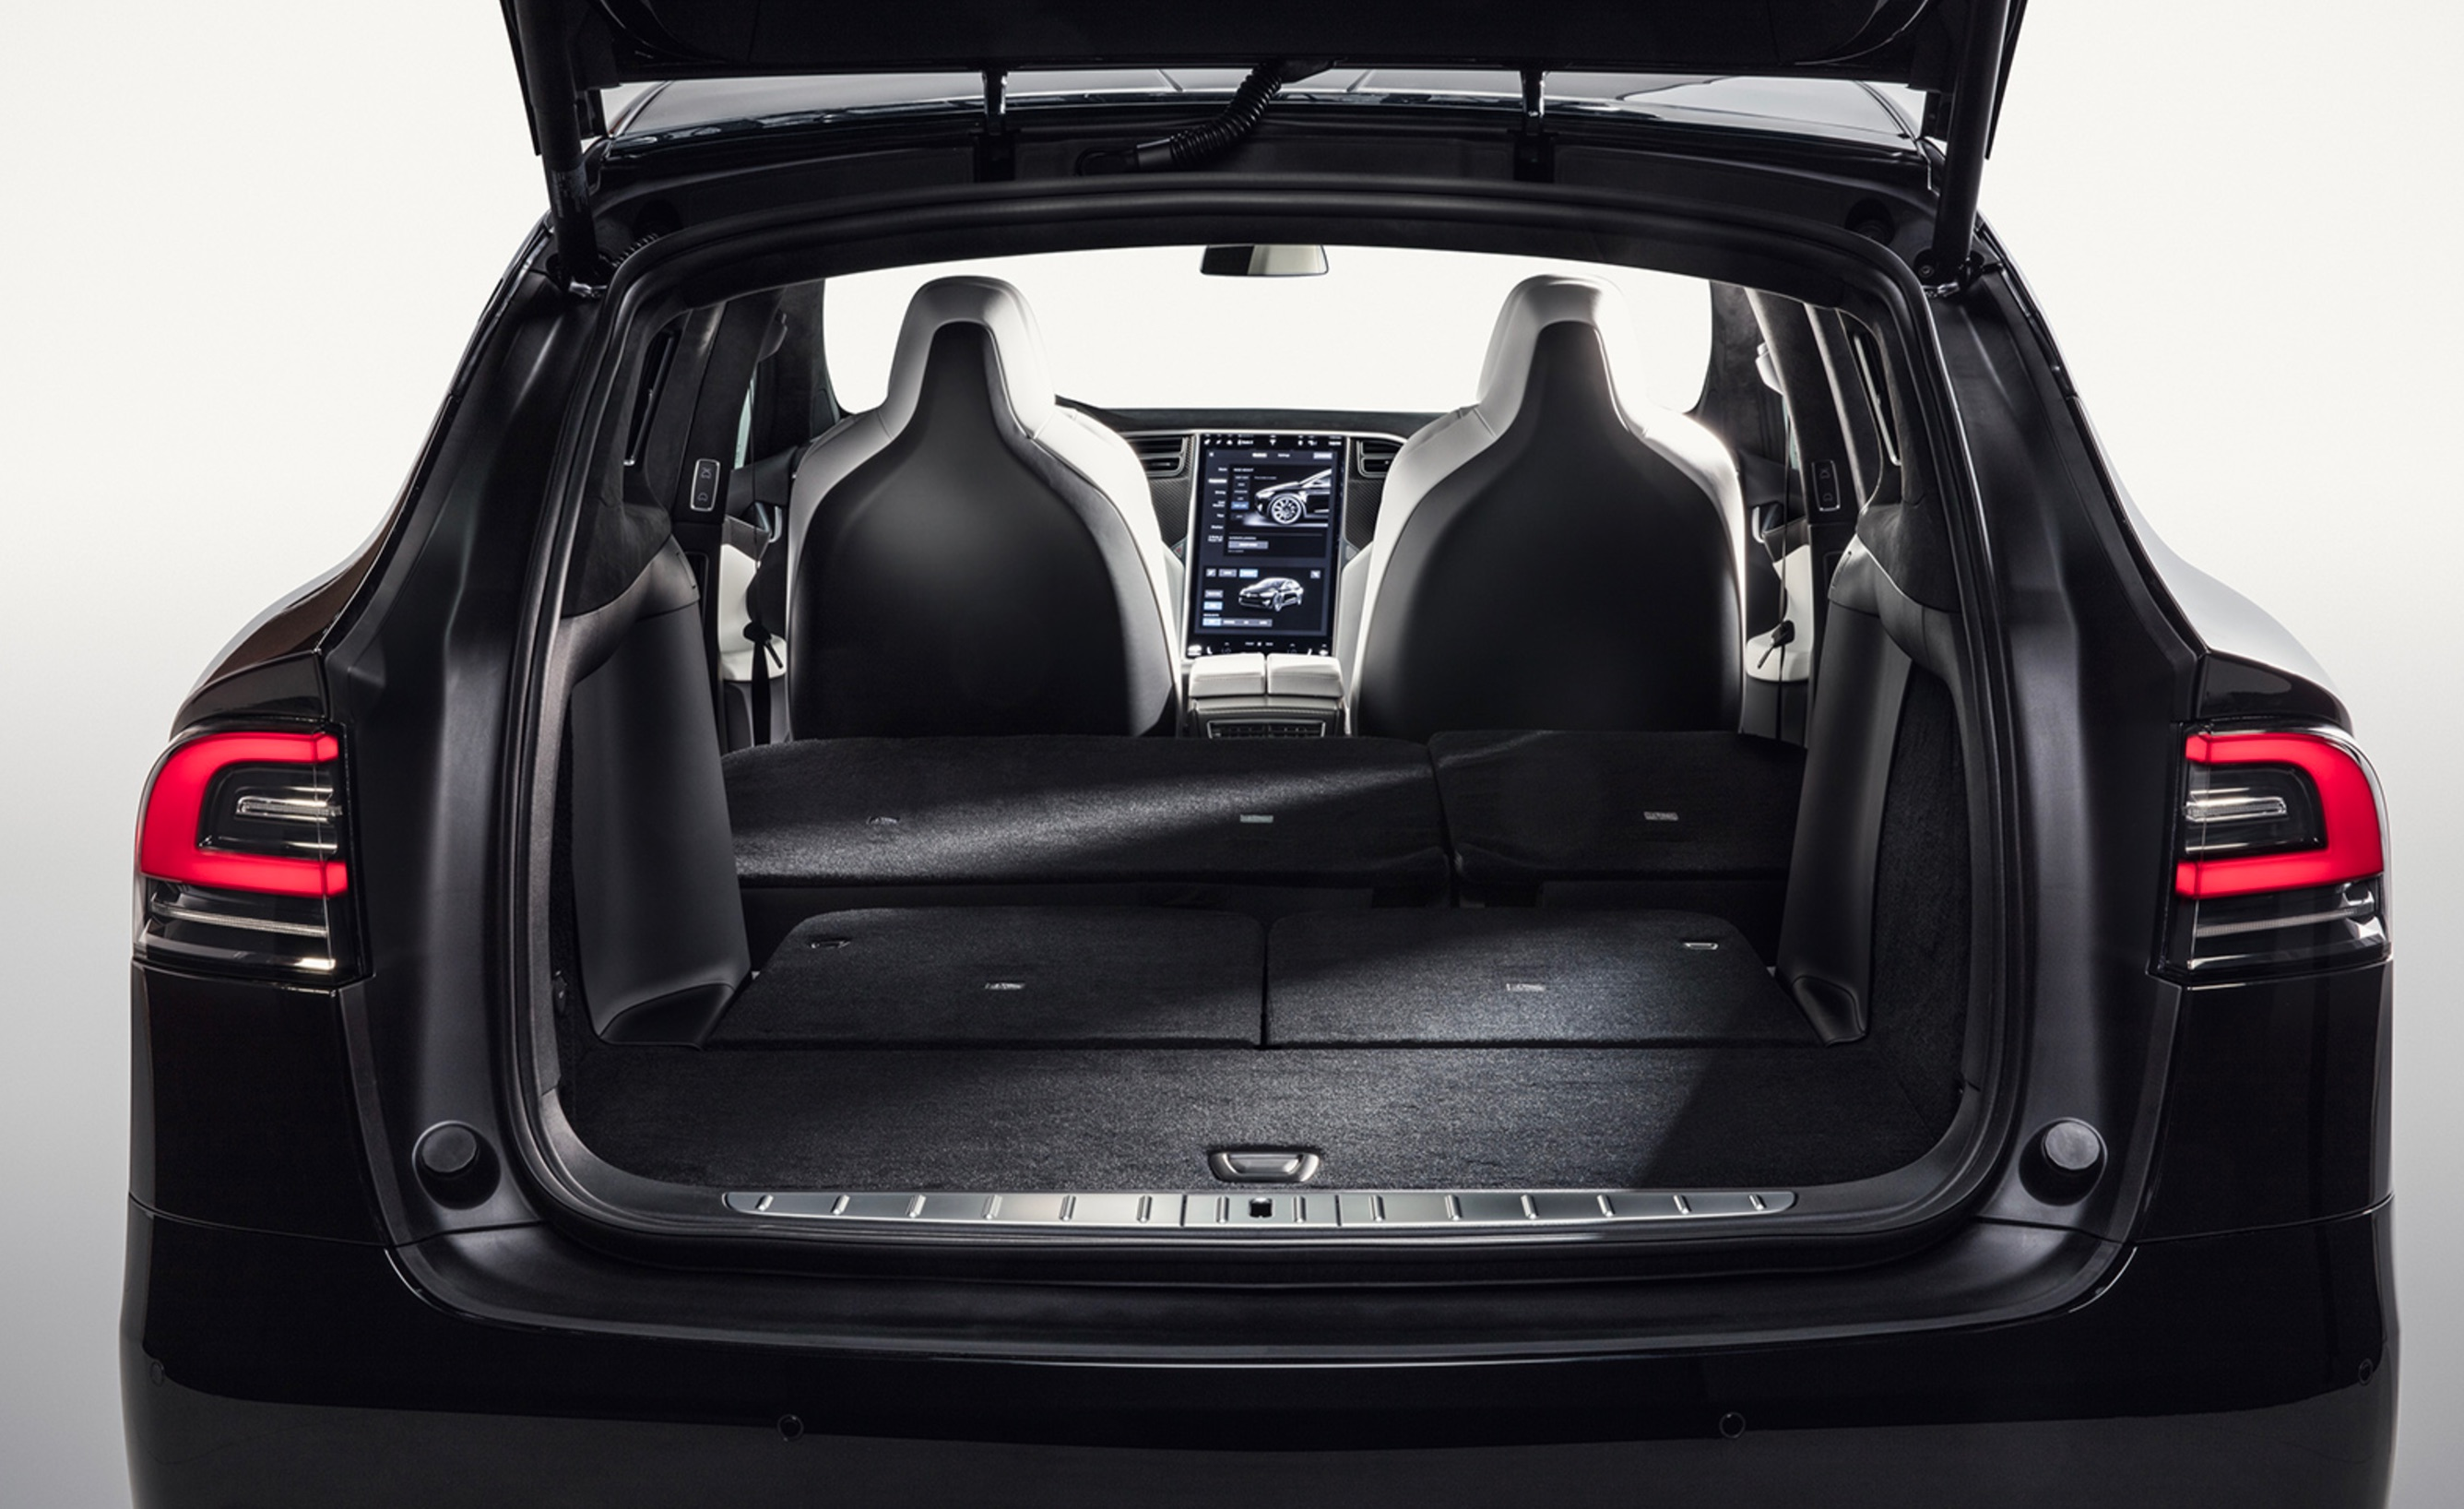 teszla-model-x-fold-flat-seats-7